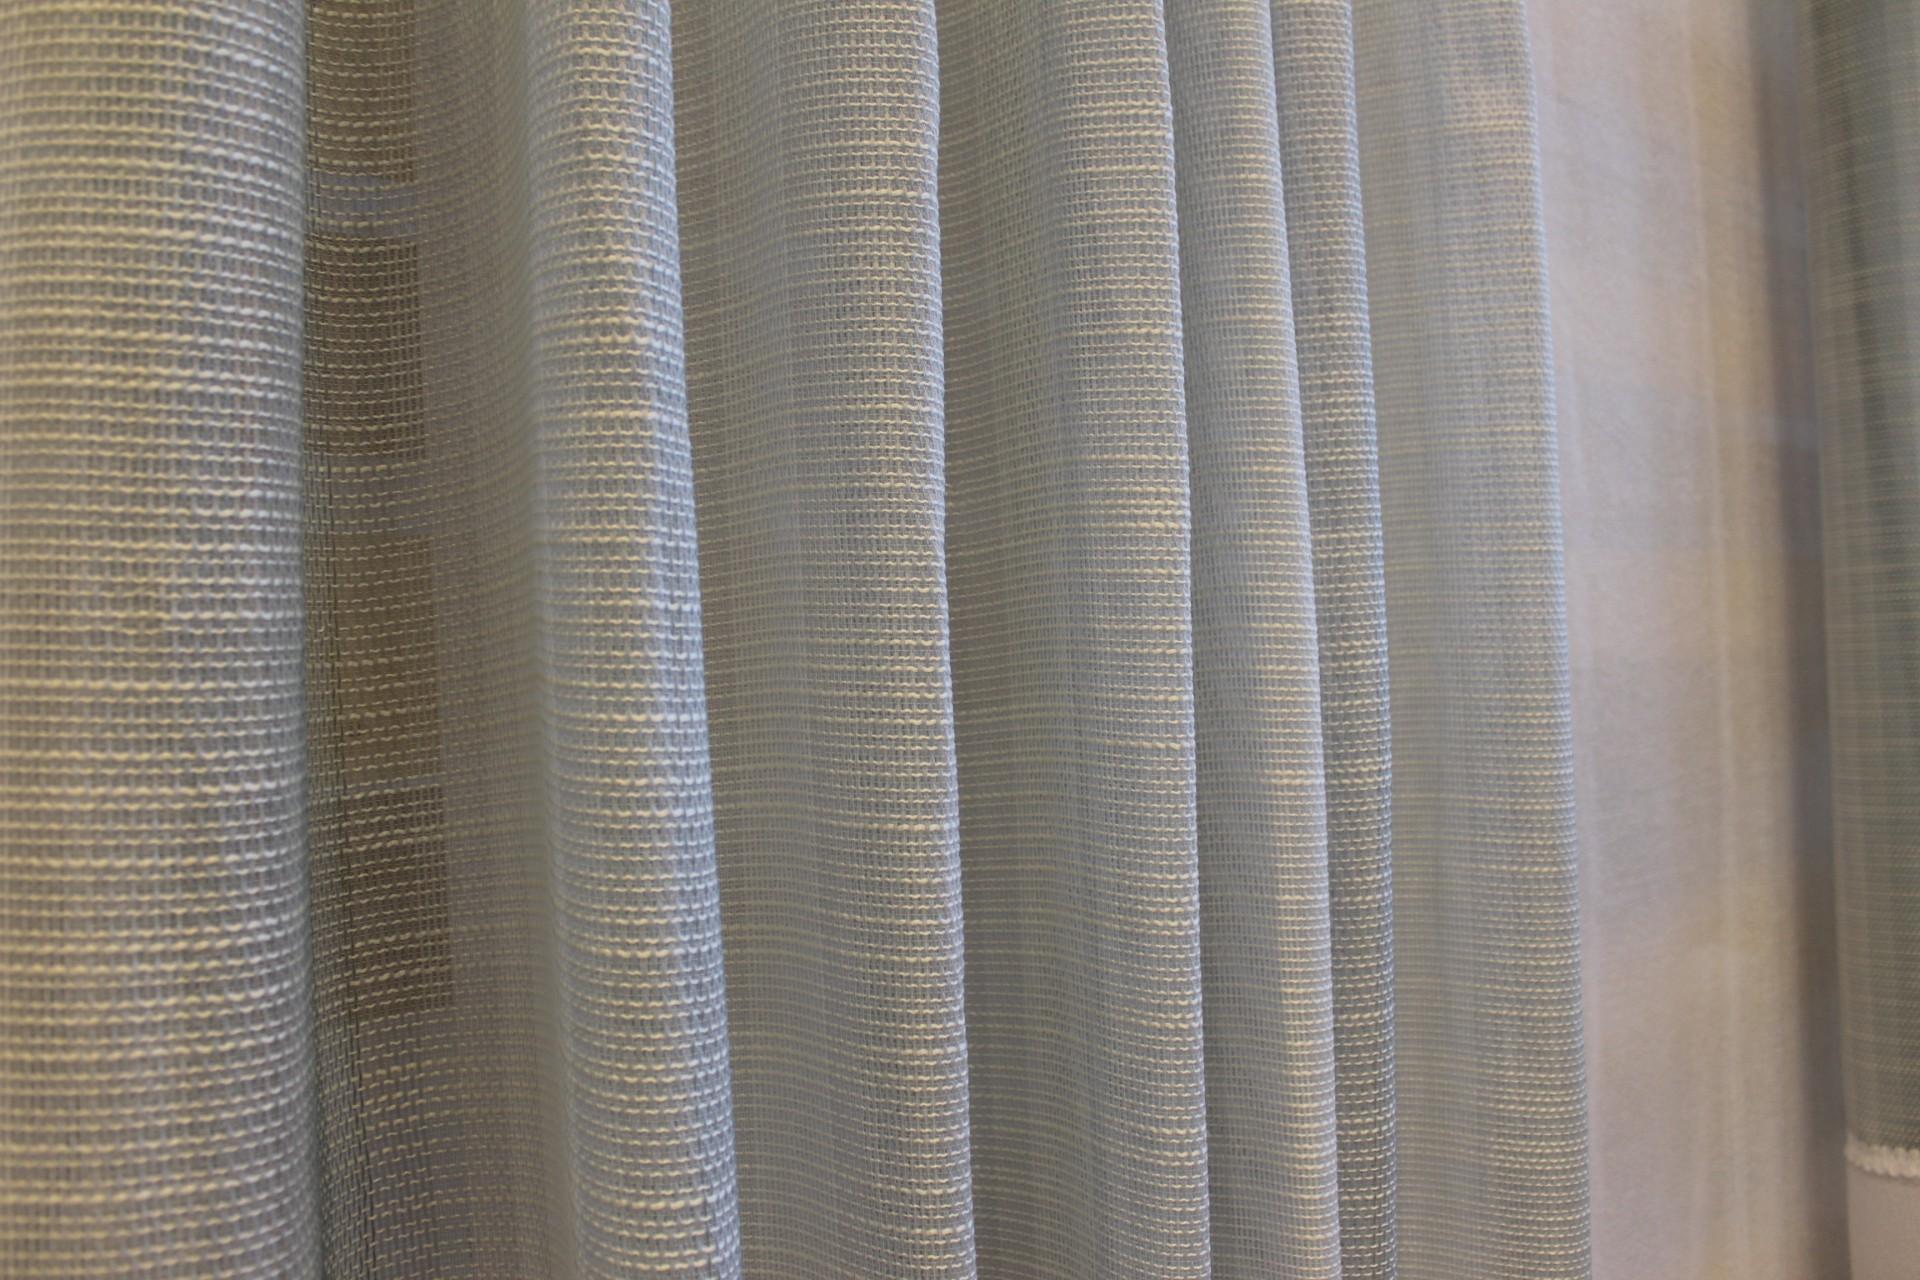 Cortinas modernas: así vienen las tendencias en decoración